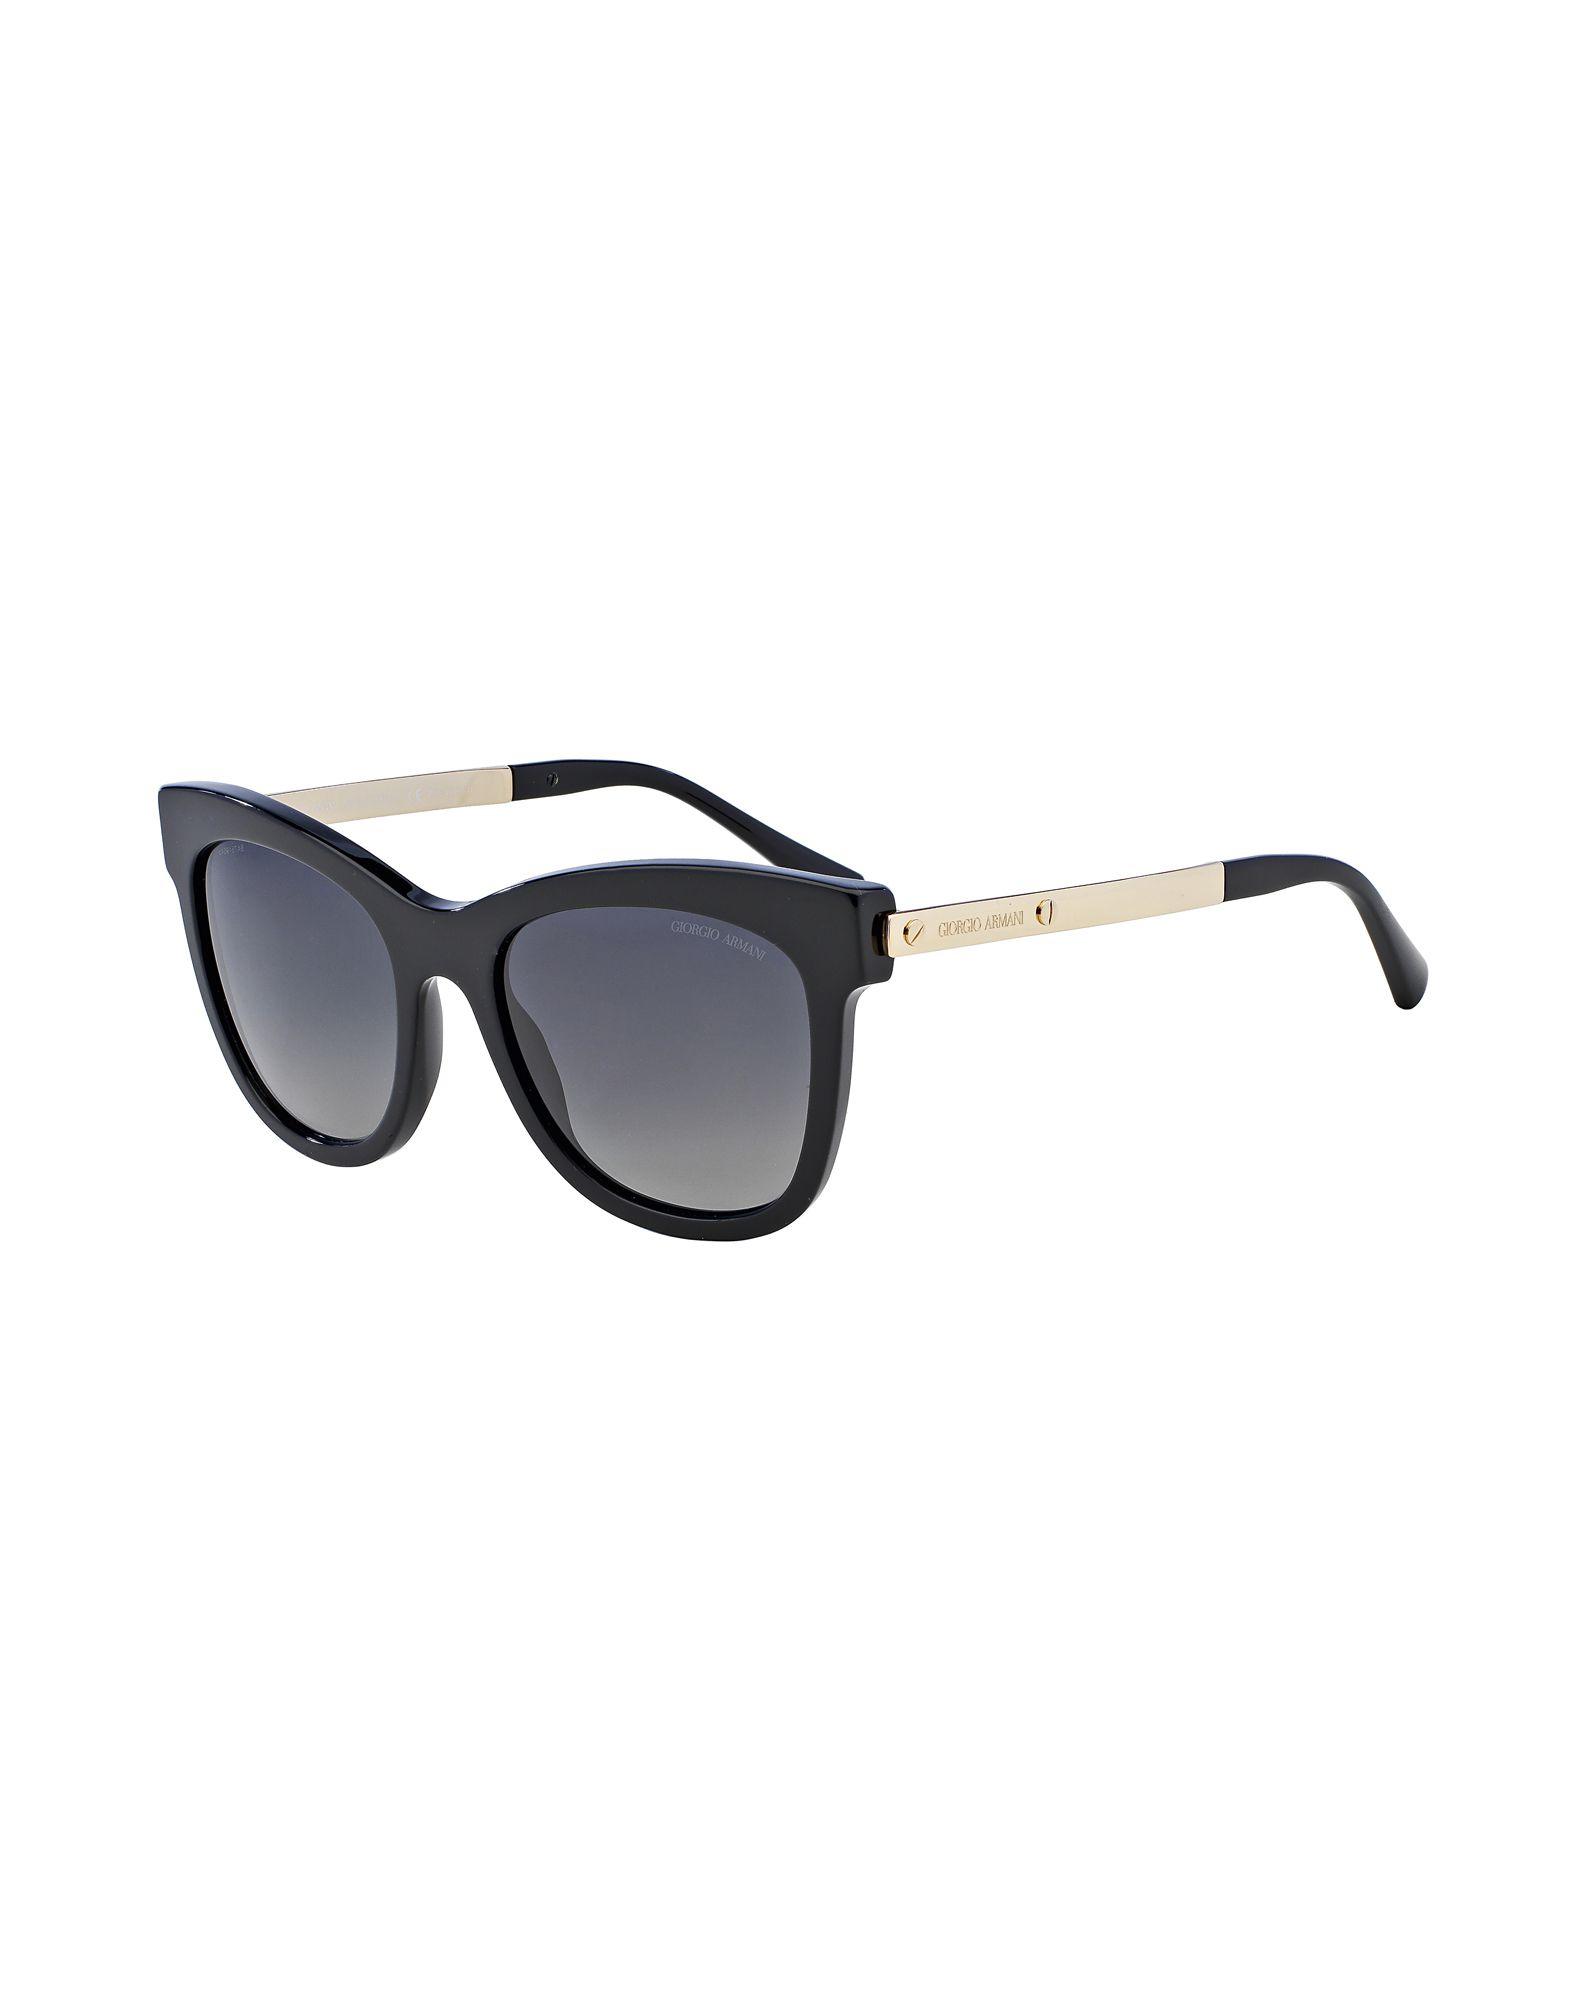 a0dd5e5a8a21 Giorgio Armani Sunglasses For Men